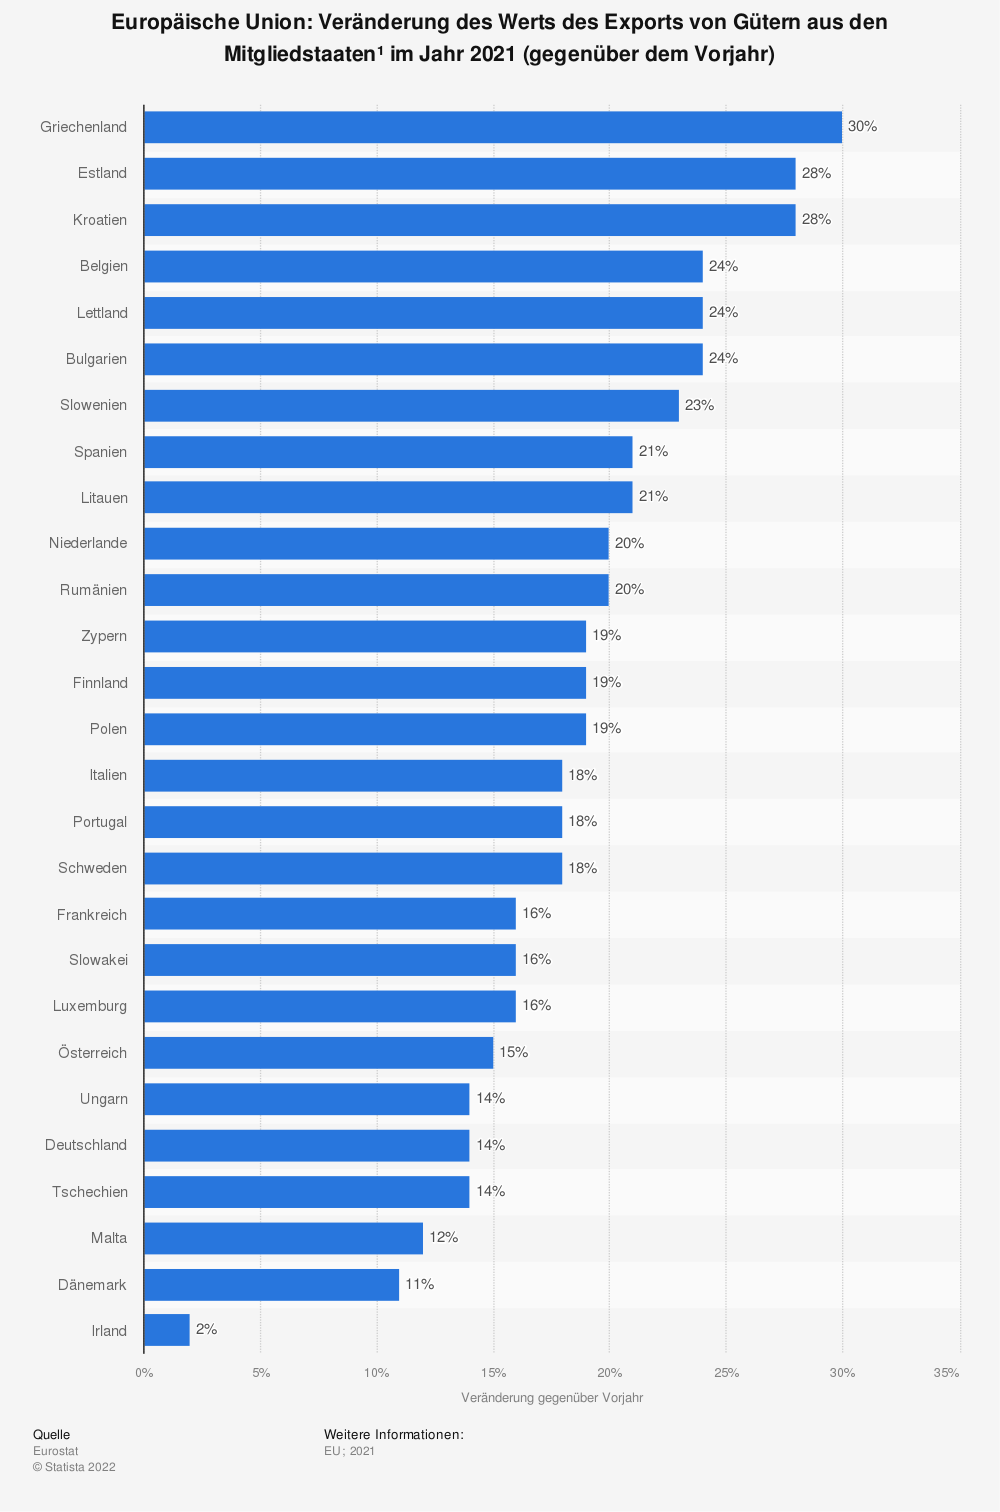 Statistik: Europäische Union: Veränderung des Werts des Exports von Gütern aus den Mitgliedsstaaten im Jahr 2017 (gegenüber dem Vorjahr) | Statista